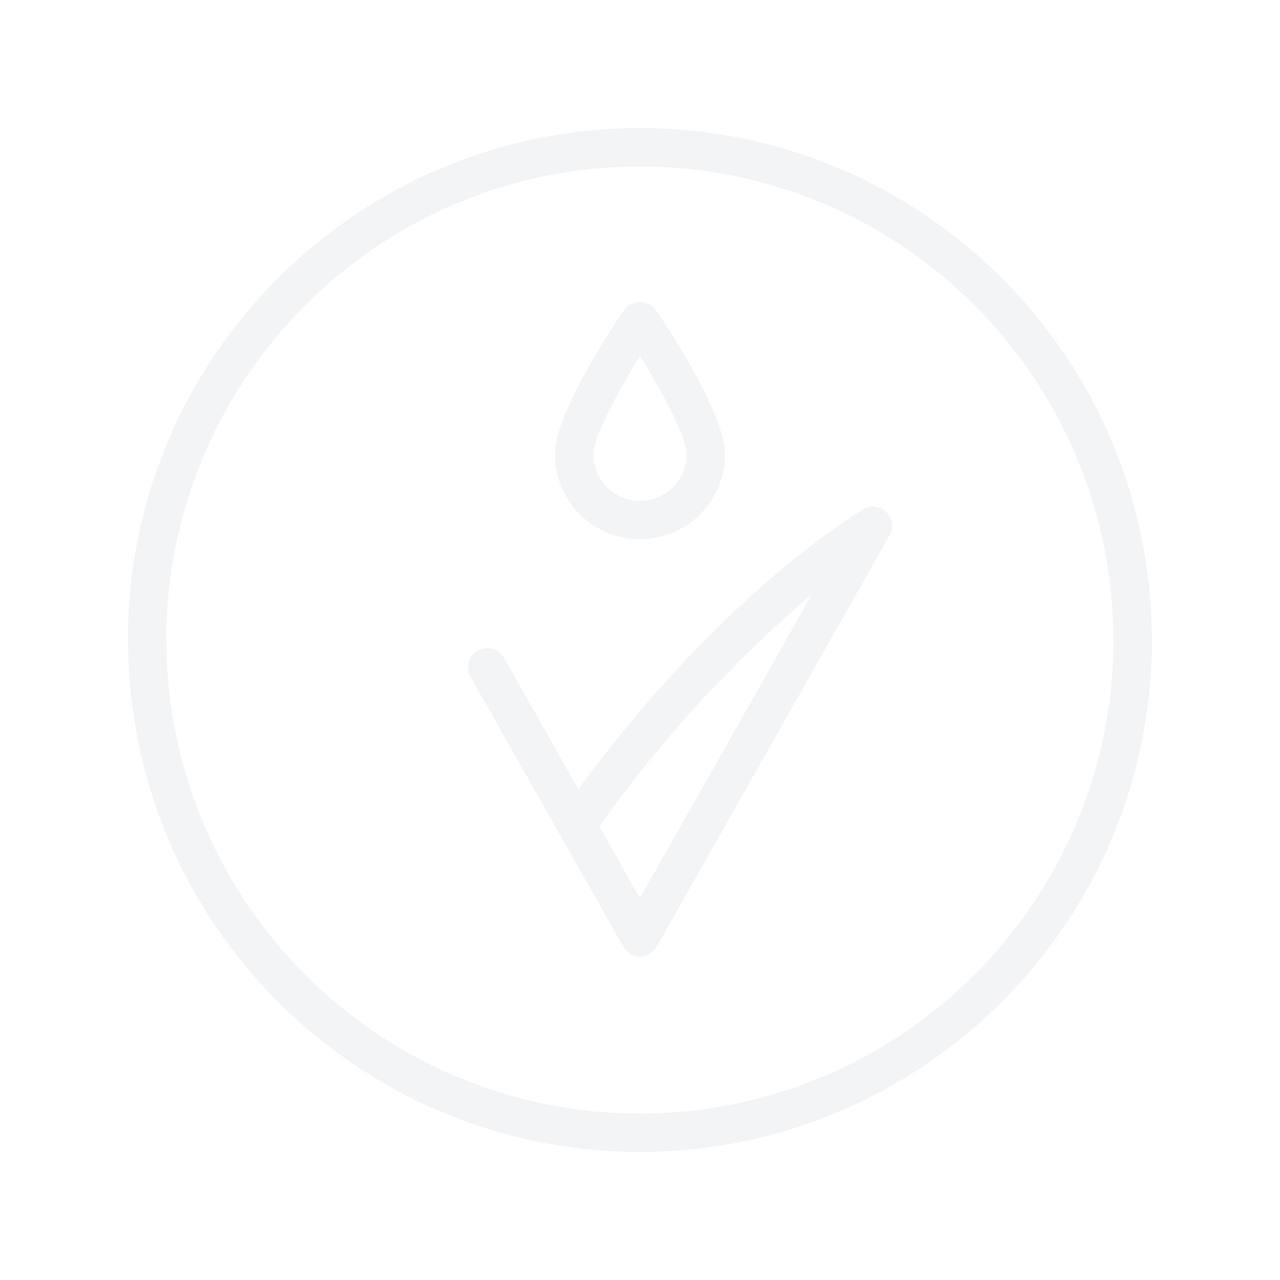 MISSHA All Around Safe Block Velvet Finish Sun Milk SPF50